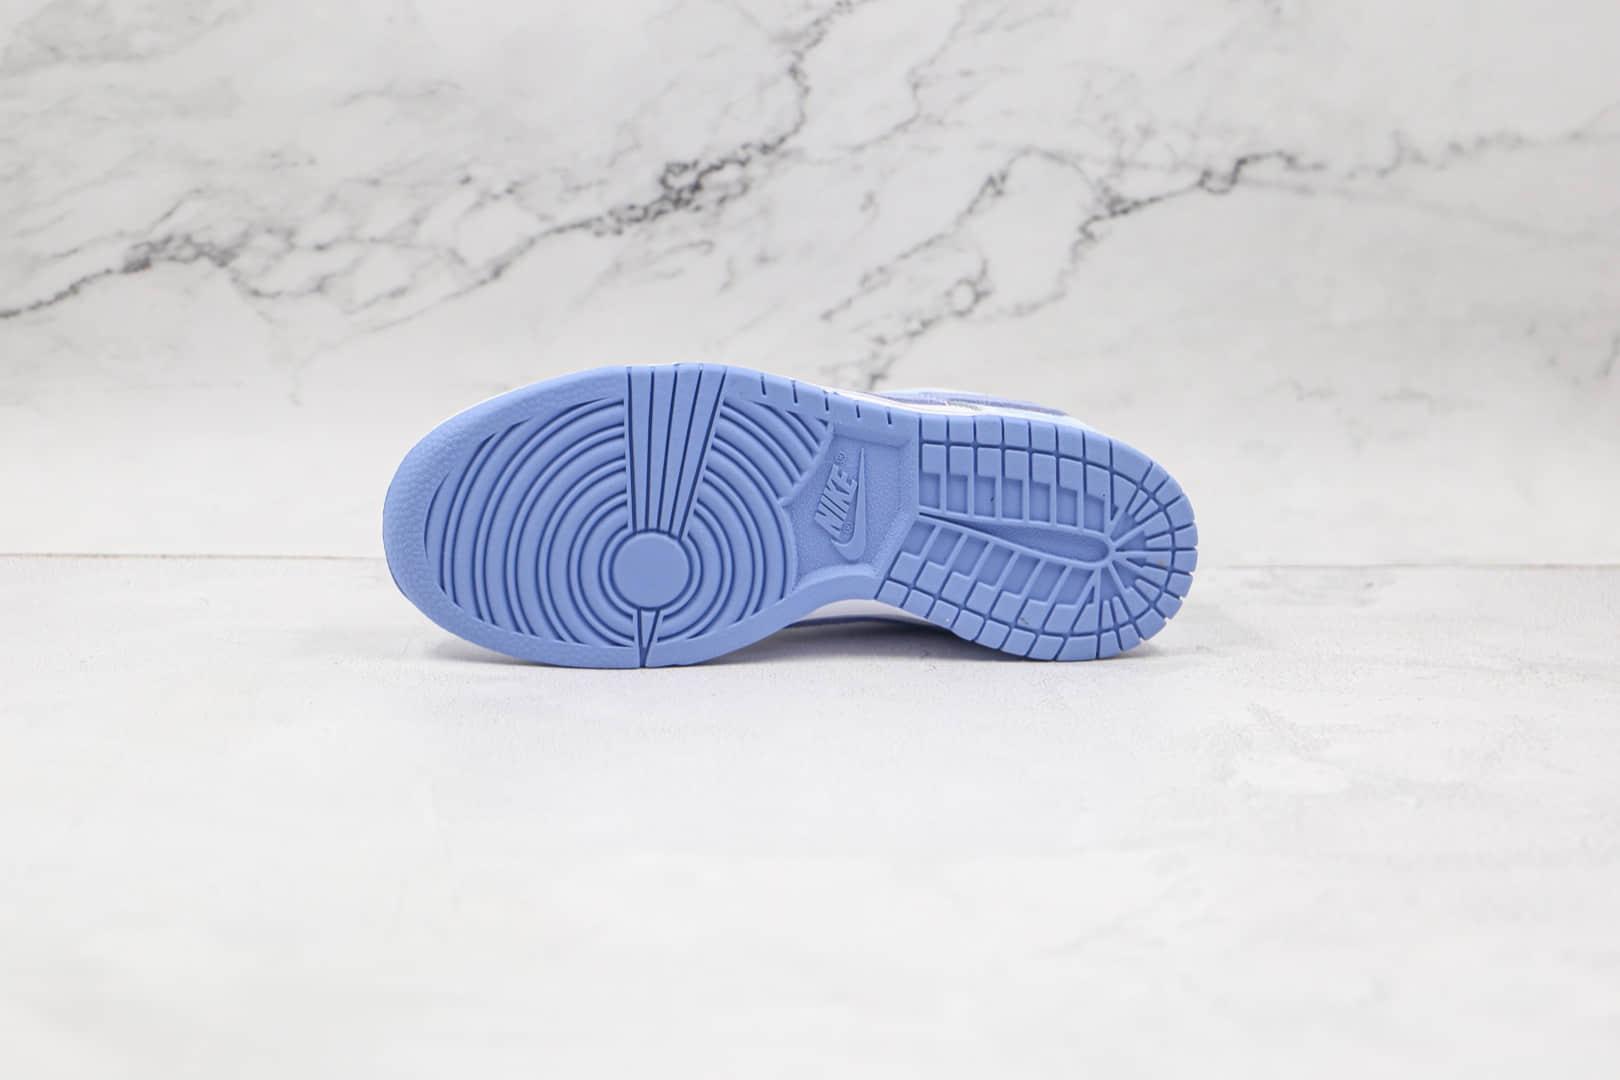 耐克Nike Dunk Low Purple Pulse纯原版本低帮DUNK紫色水洗配色板鞋内置气垫 货号:DM9467-500